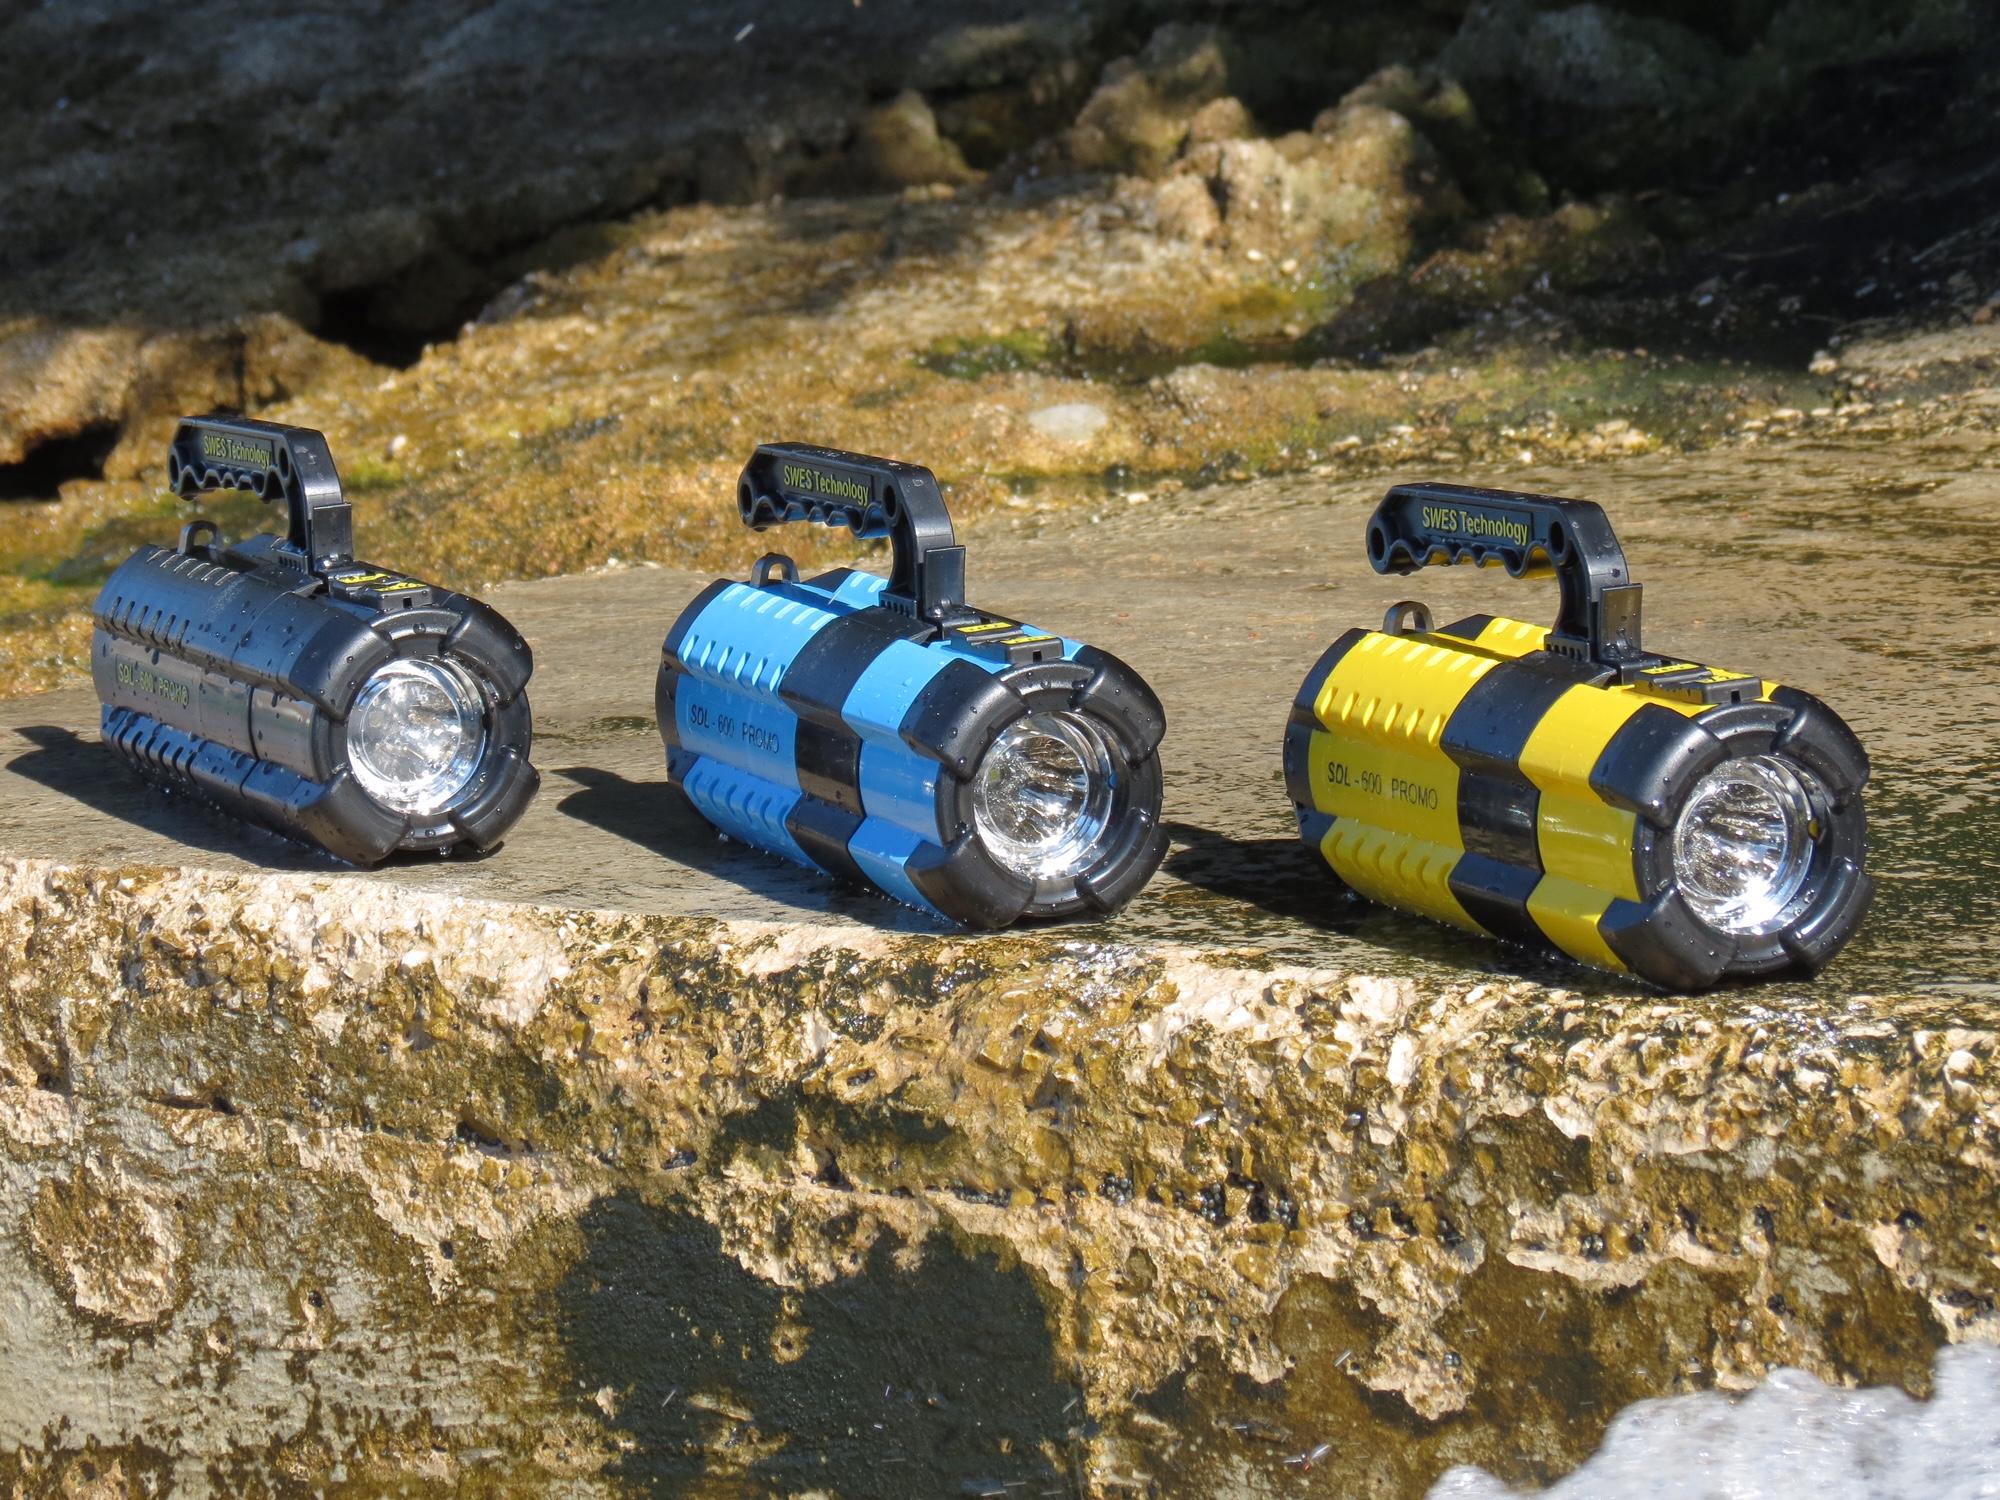 Lampe Ohne Strom Batterie Gartenbeleuchtung Ohne Strom Wie Was Ist